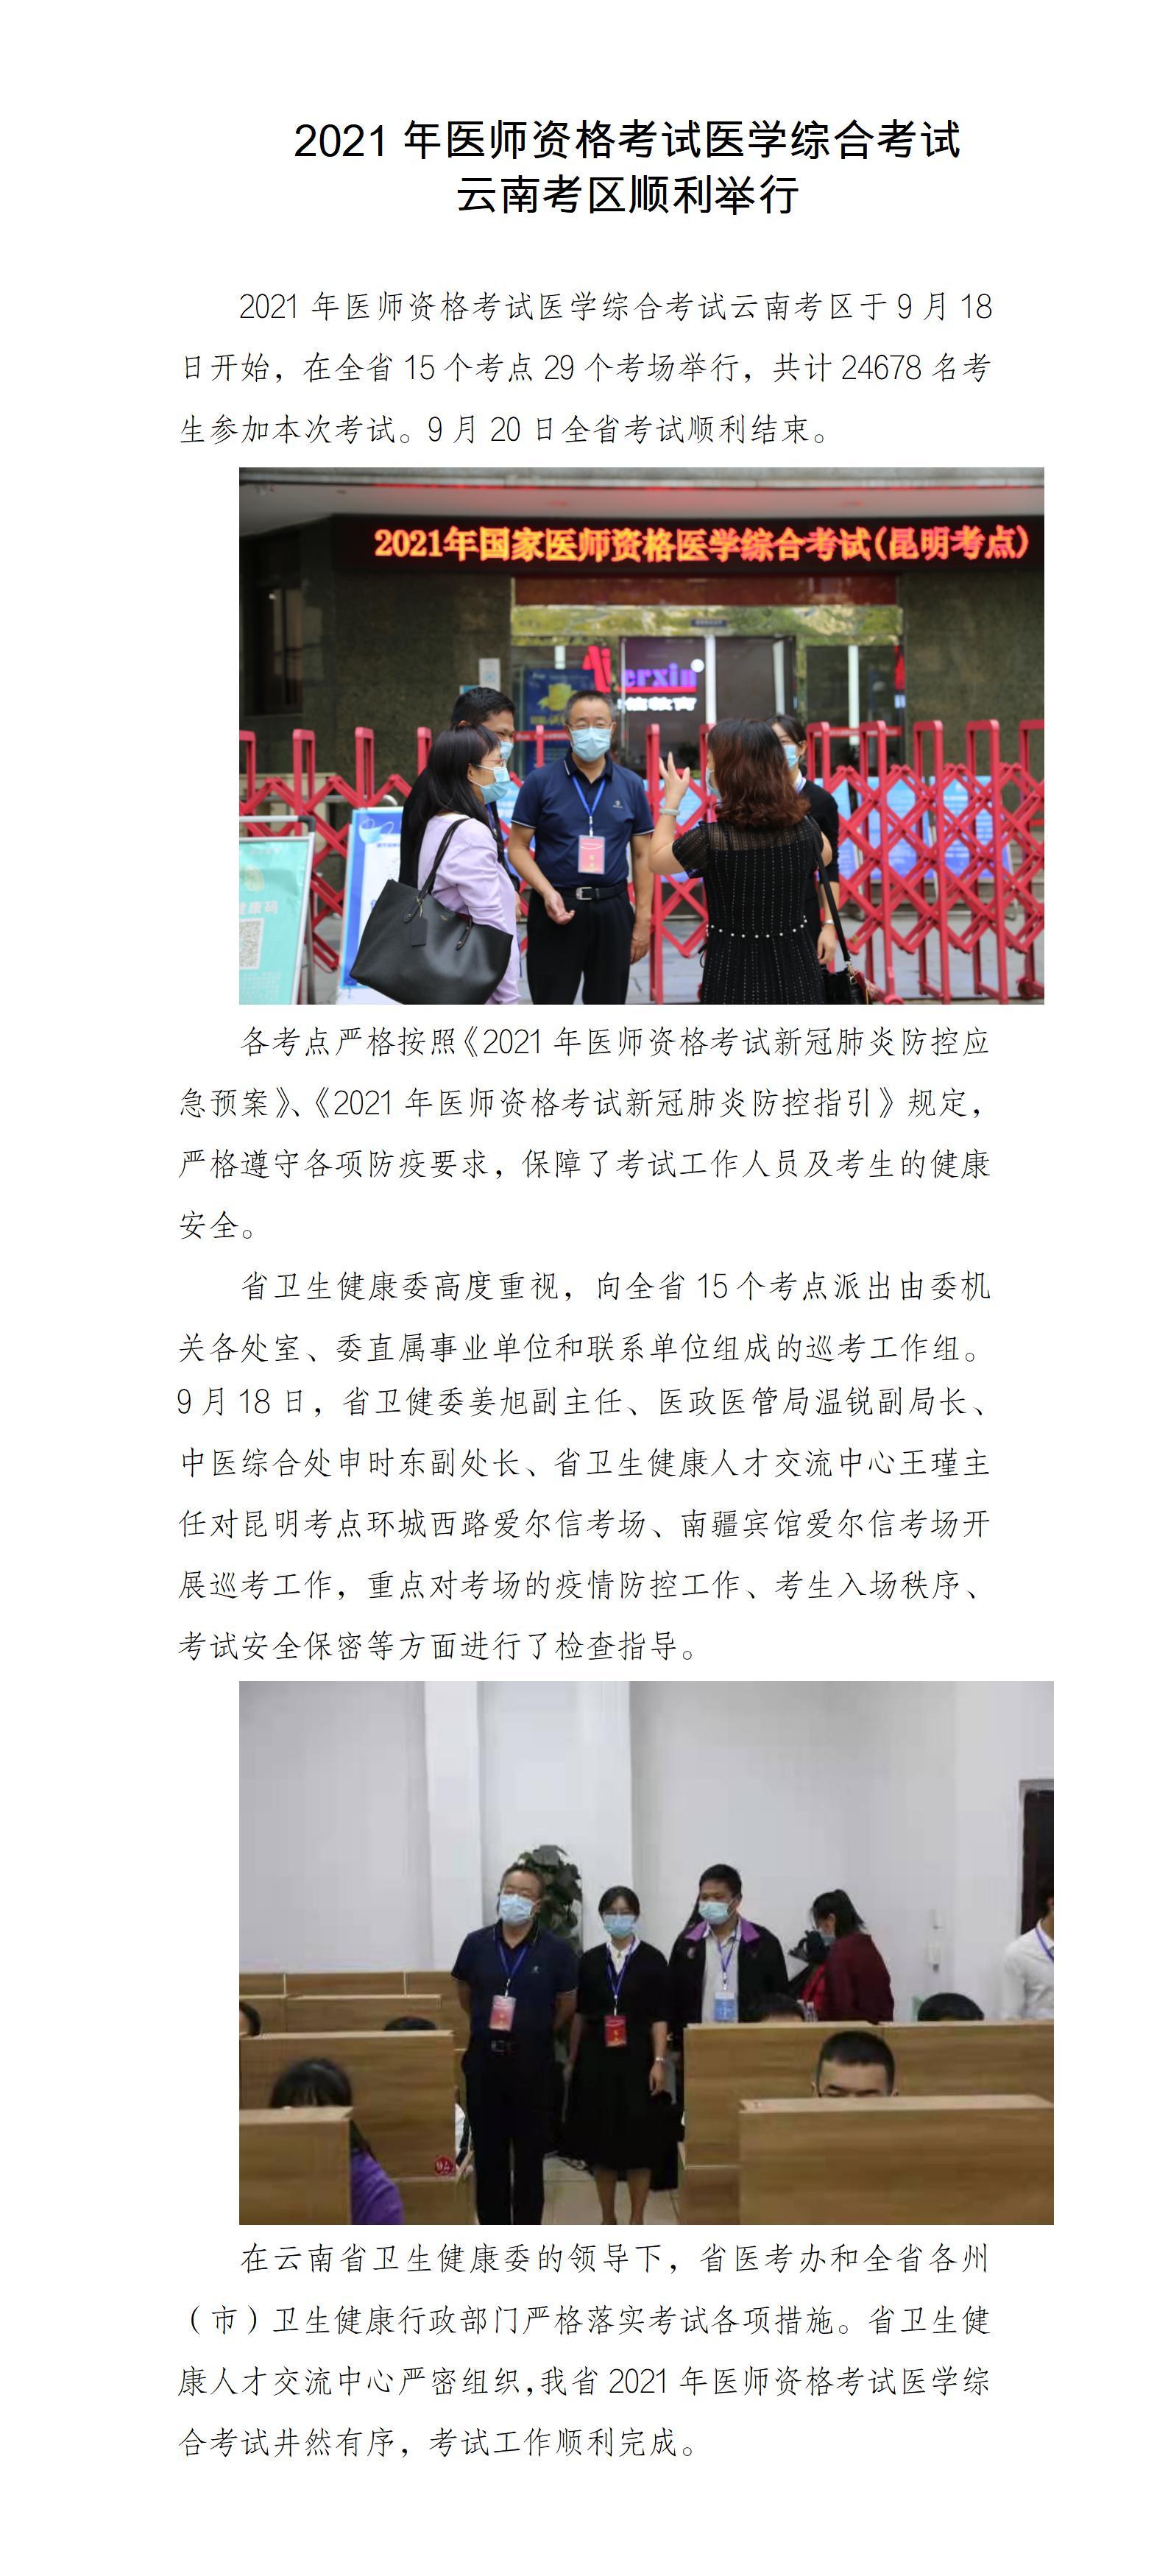 云南考区2021年医师资格考试医学综合考试顺利举行